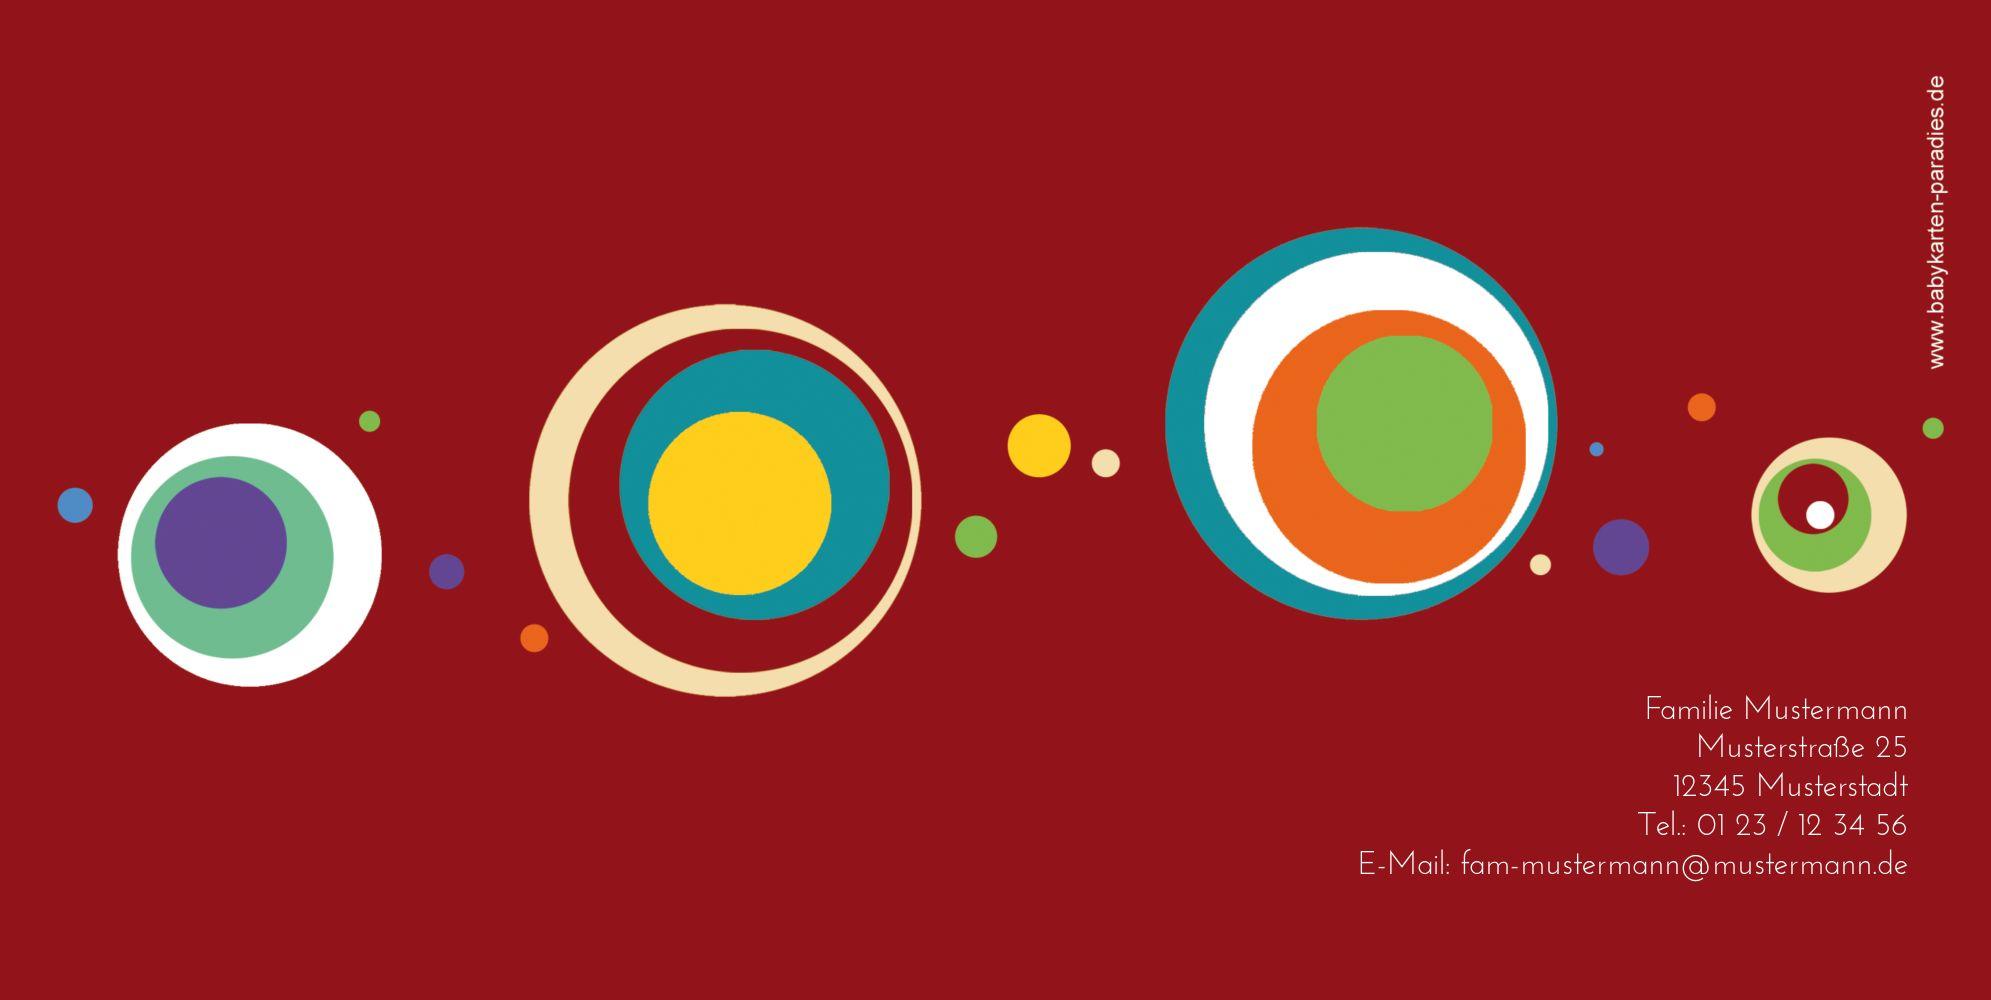 Ansicht 2 - Babykarte Retro Kreise